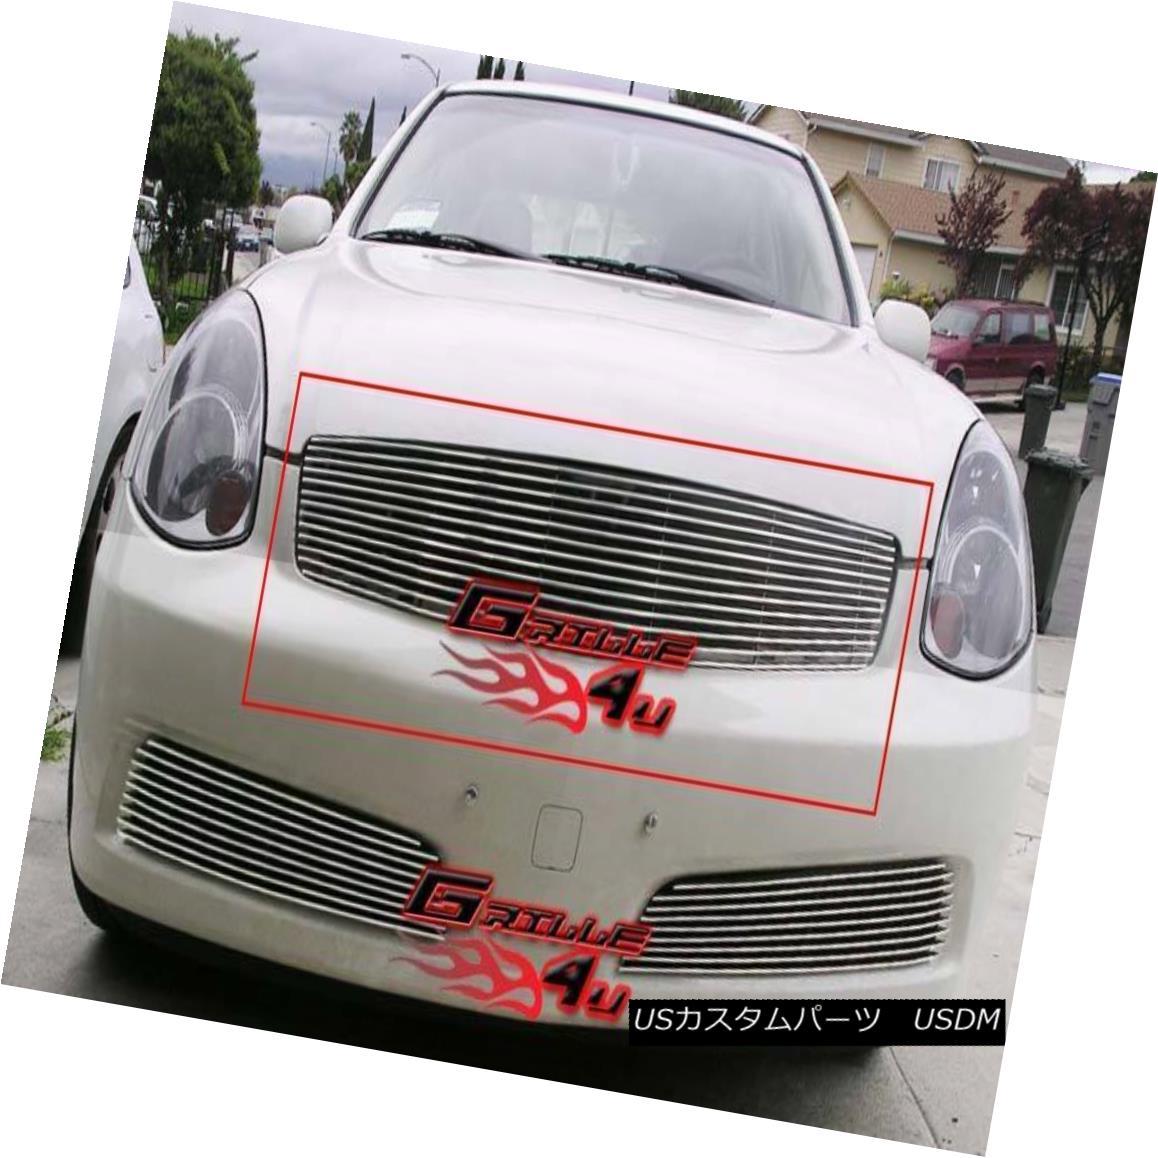 グリル Fits 2005-2006 Infiniti G35 Main Upper Billet Grille Insert フィット2005-2006インフィニティG35メインアッパービレットグリルインサート